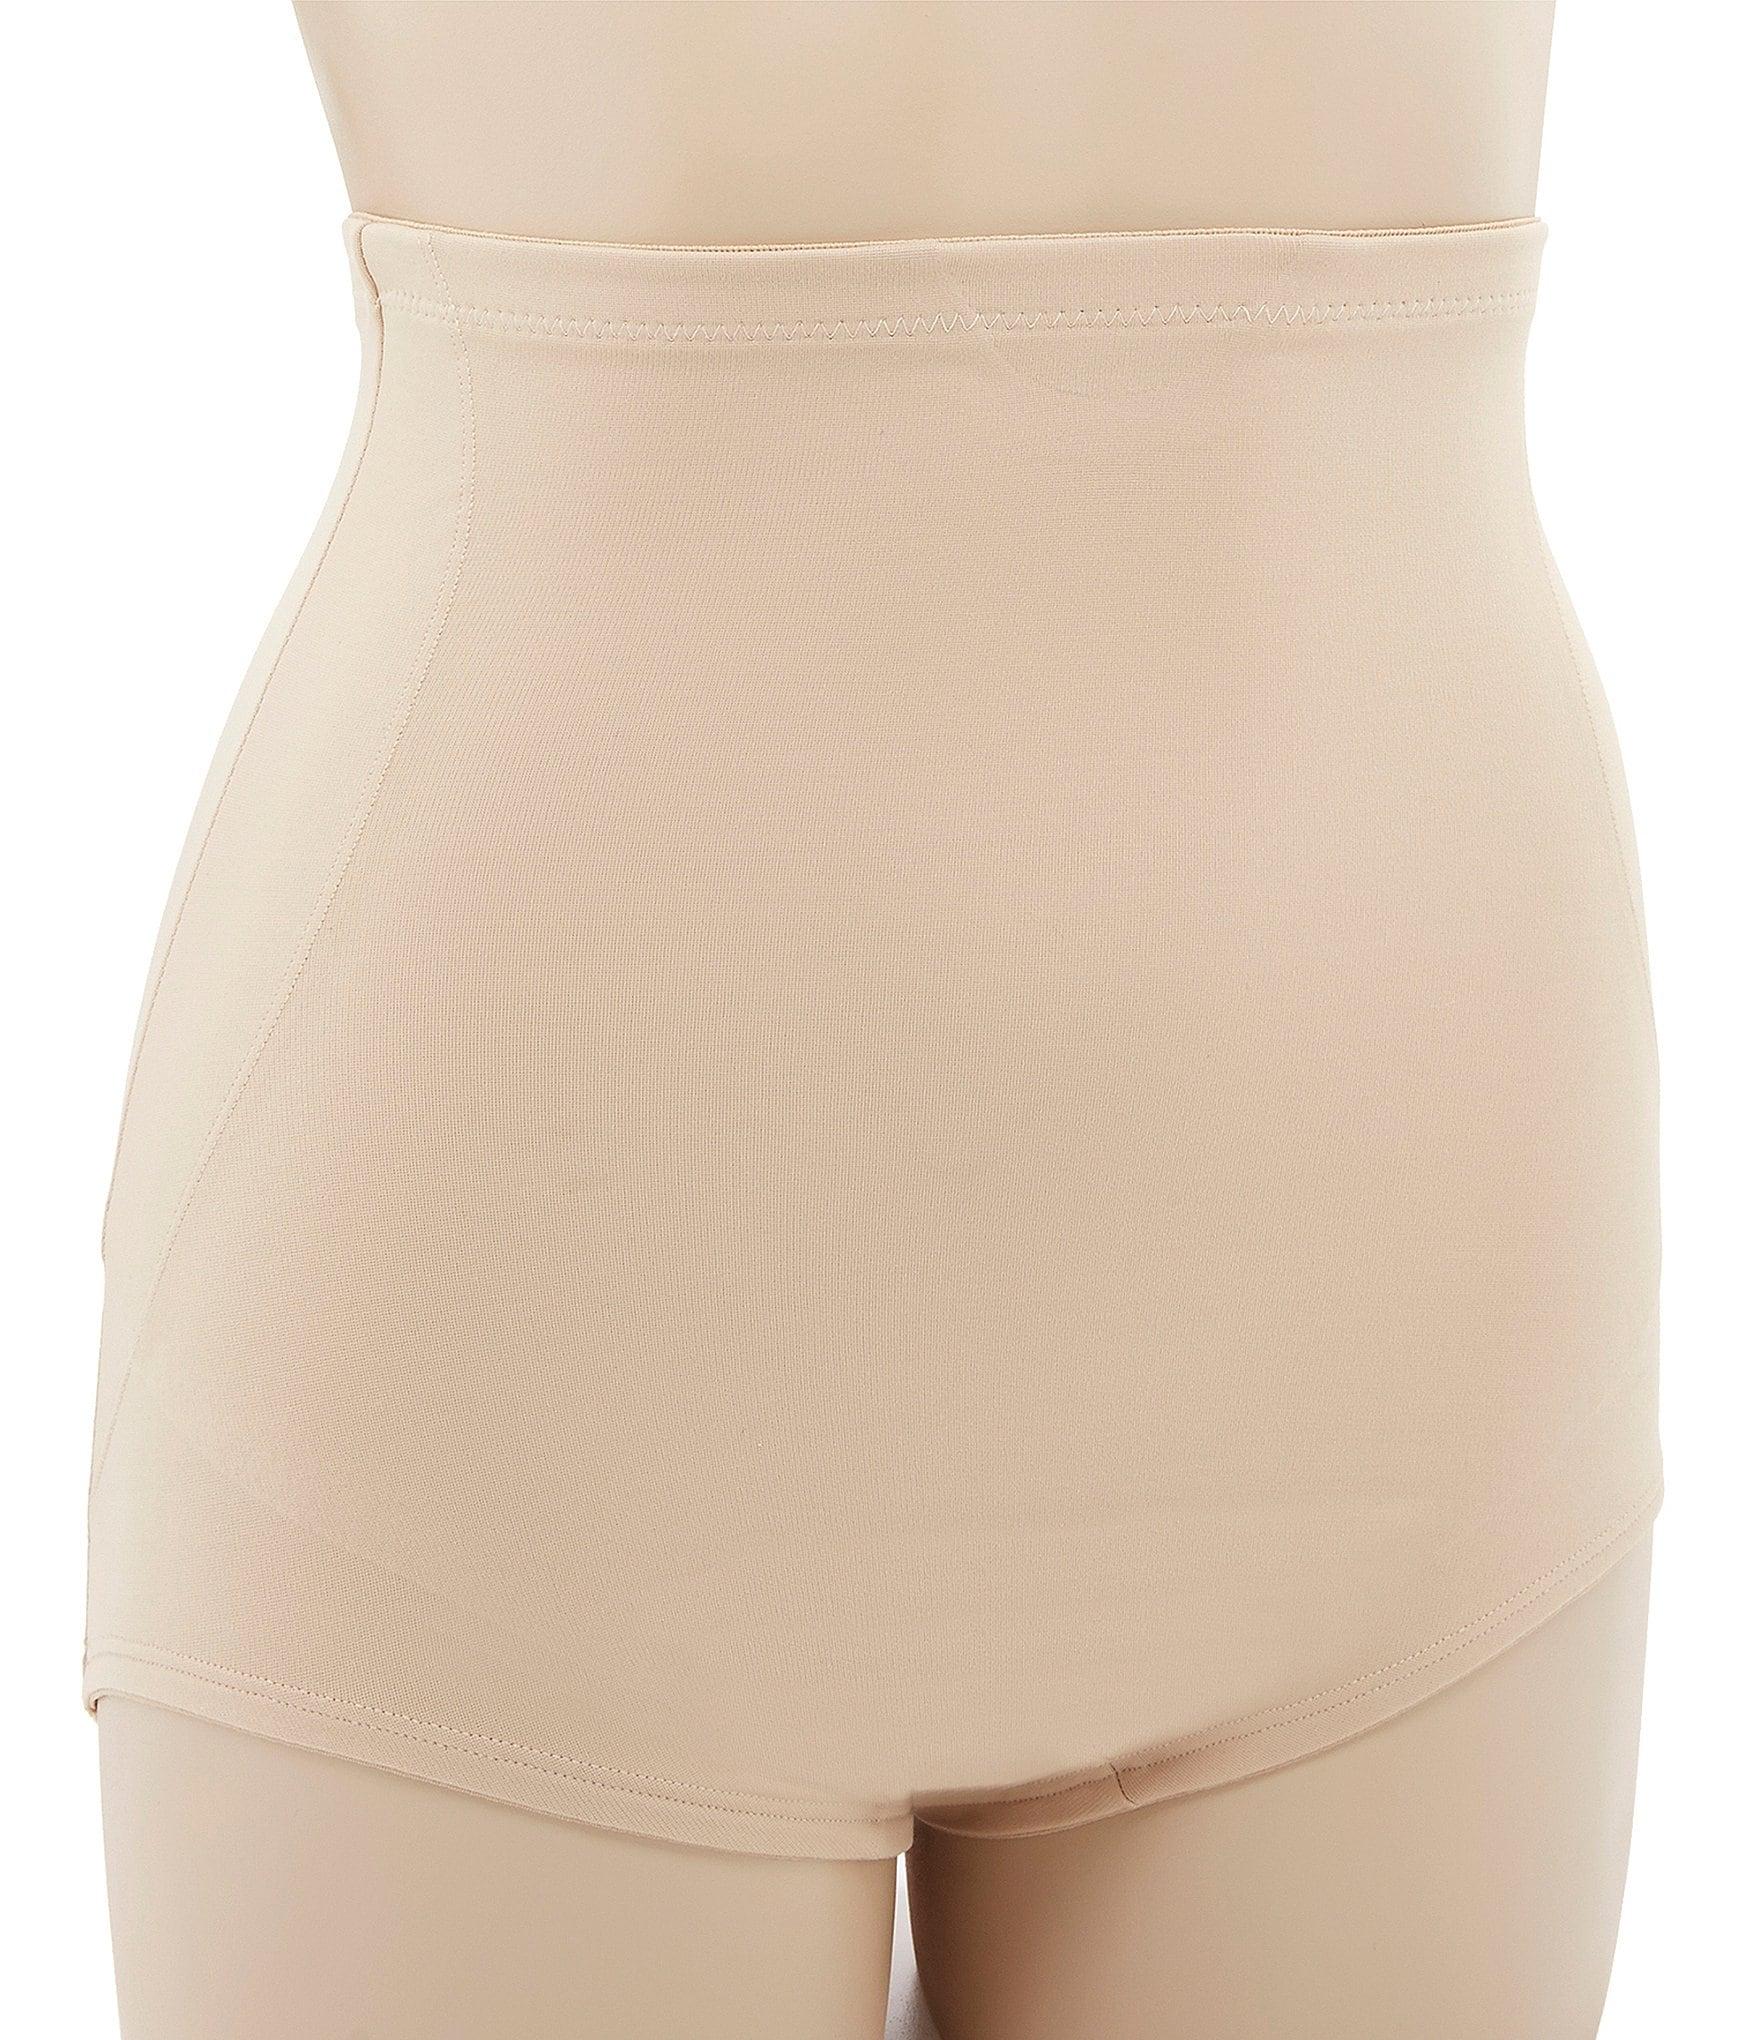 71a00561451 Tan Women s Shapewear Briefs